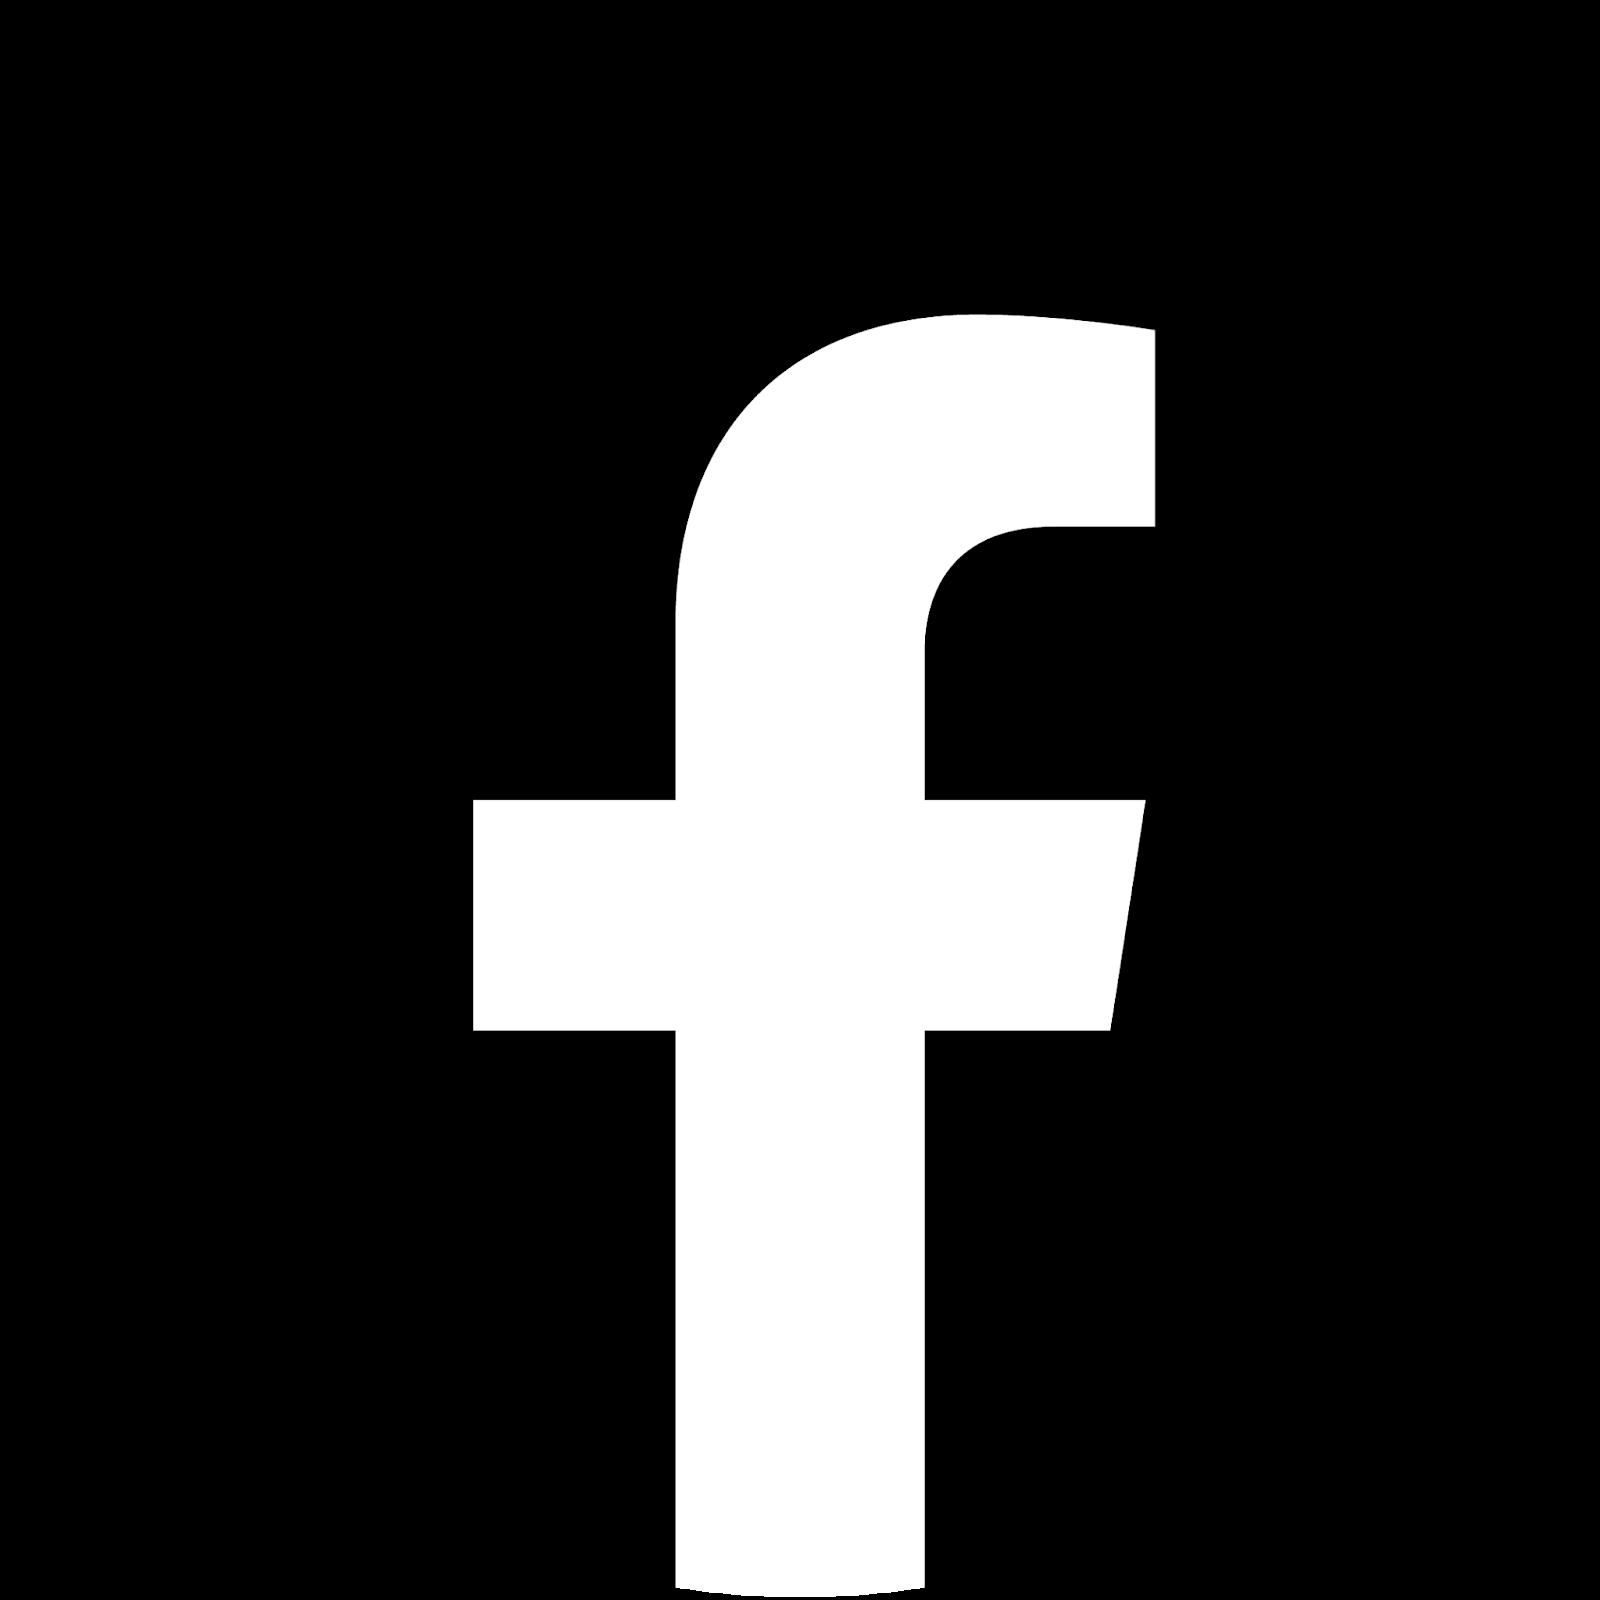 Facebook New Logo Black Colour.